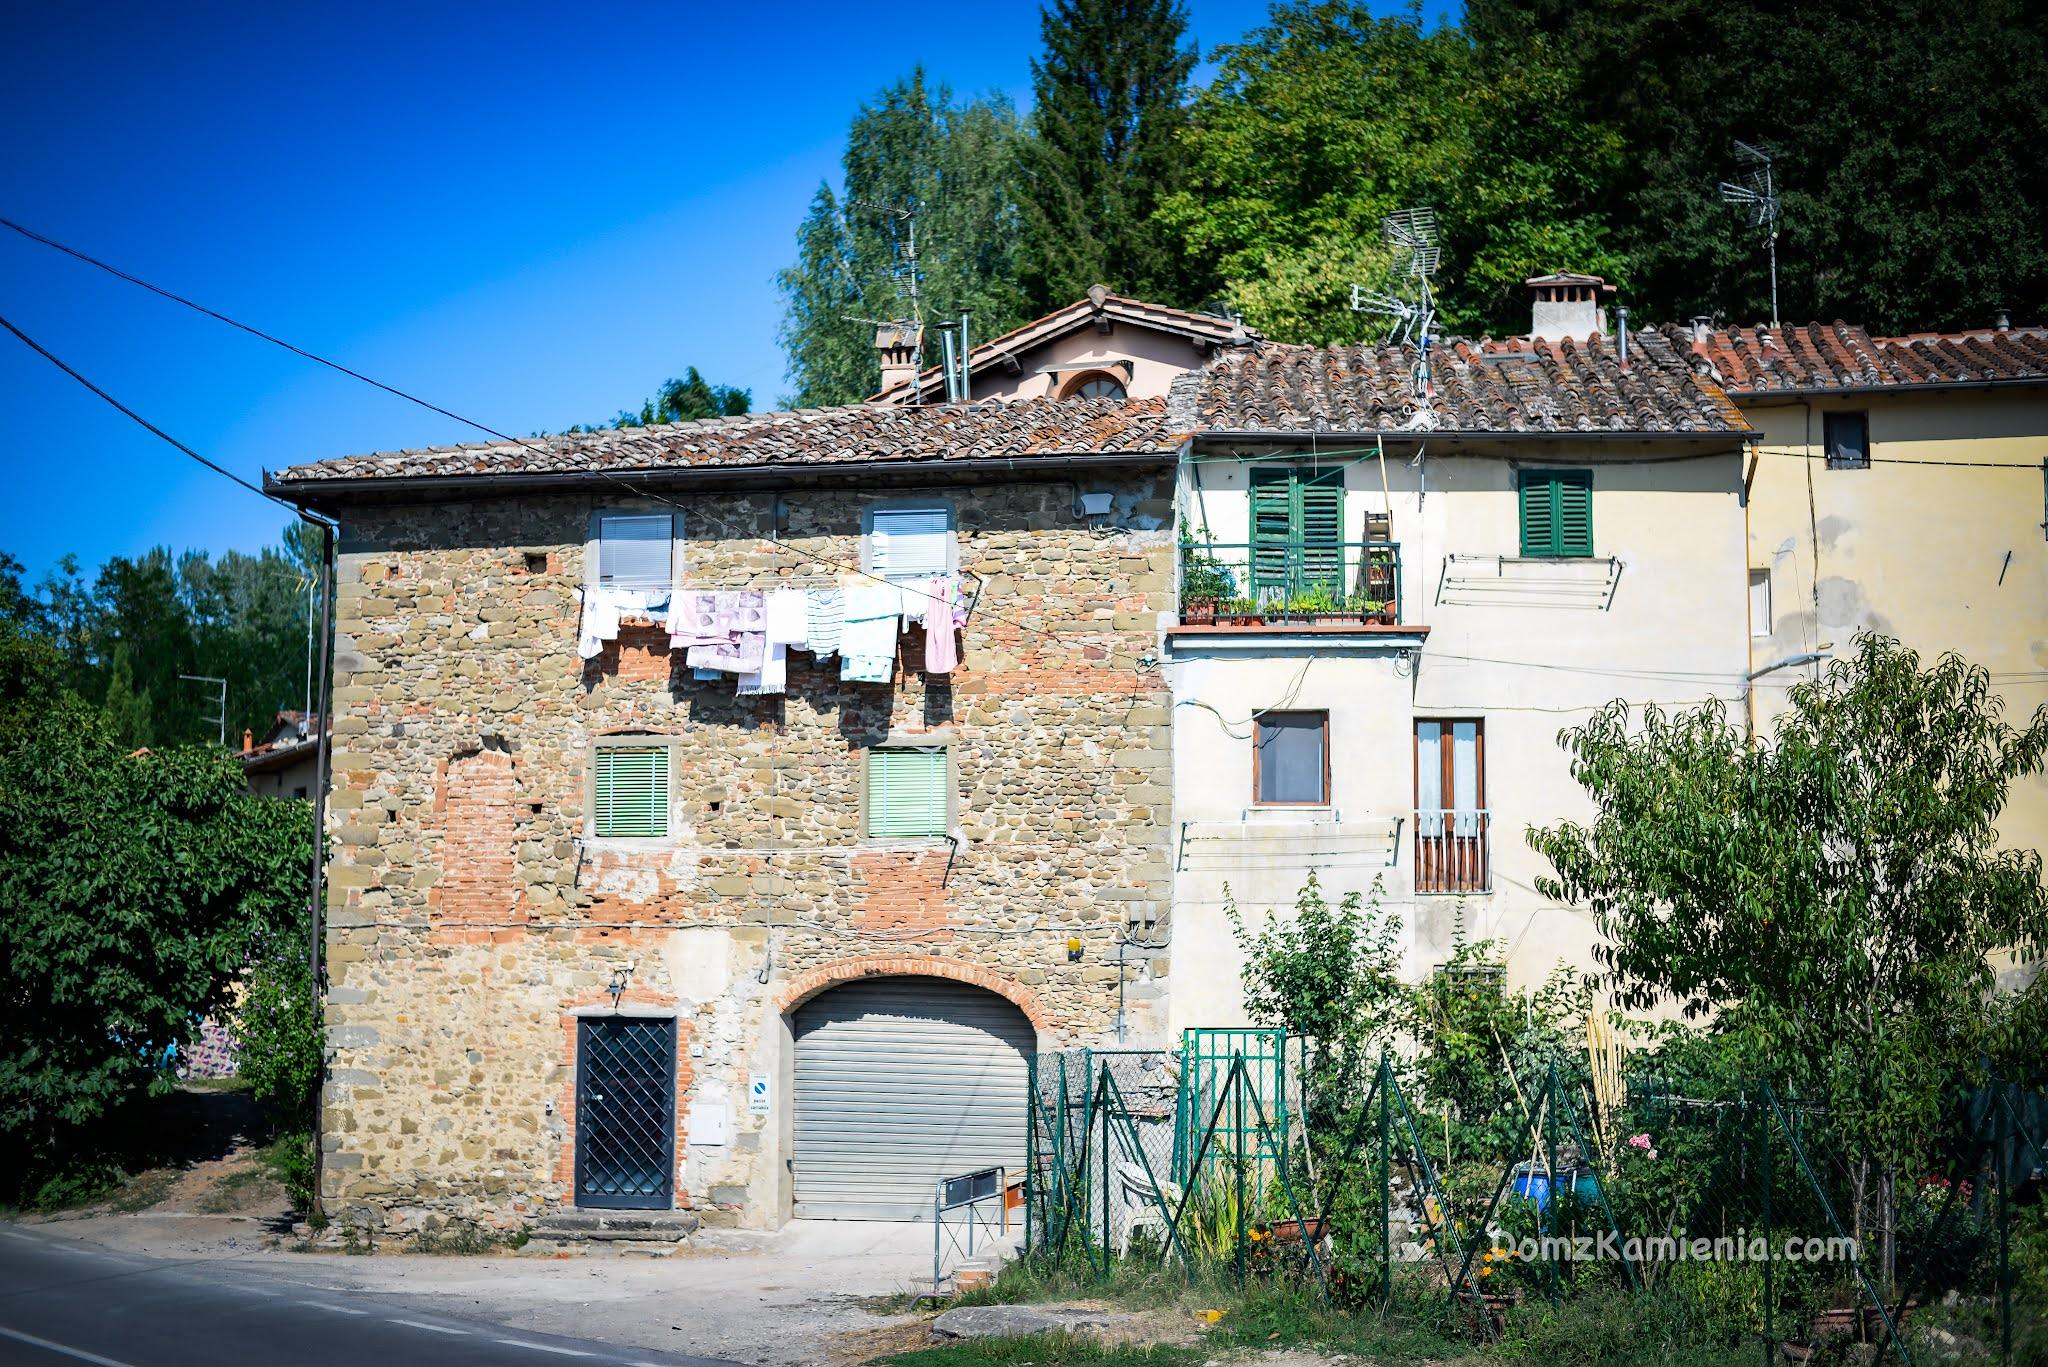 Dom z Kamienia blog, Ponte a Vicchio